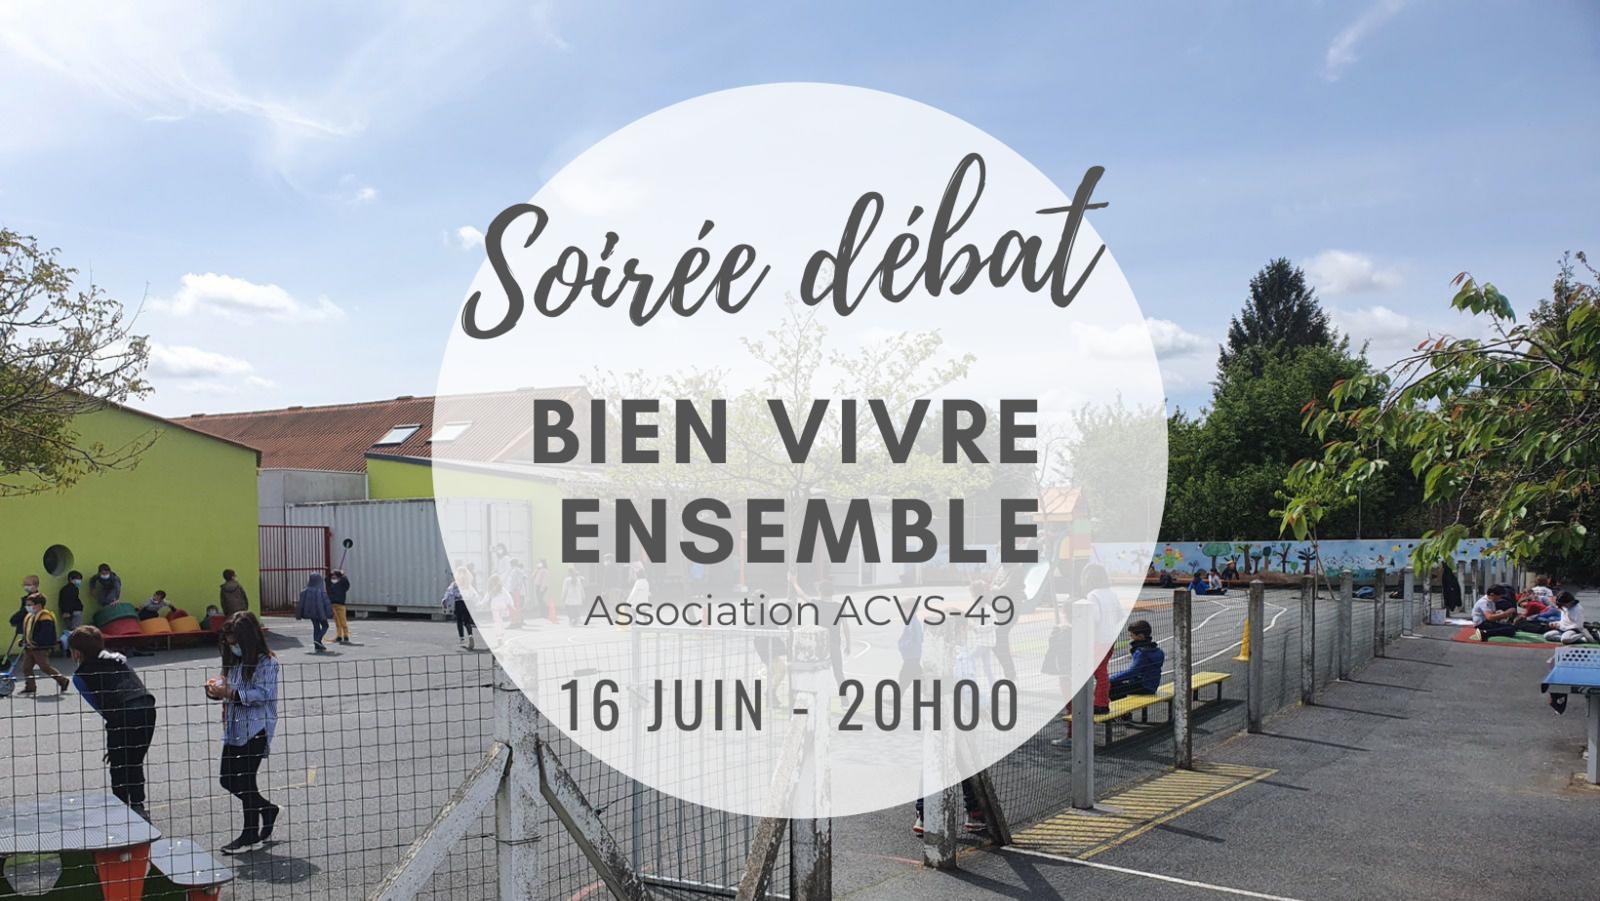 """Soirée-débat """"Bien vivre ensemble"""" - Mercredi 16 juin, 20h"""